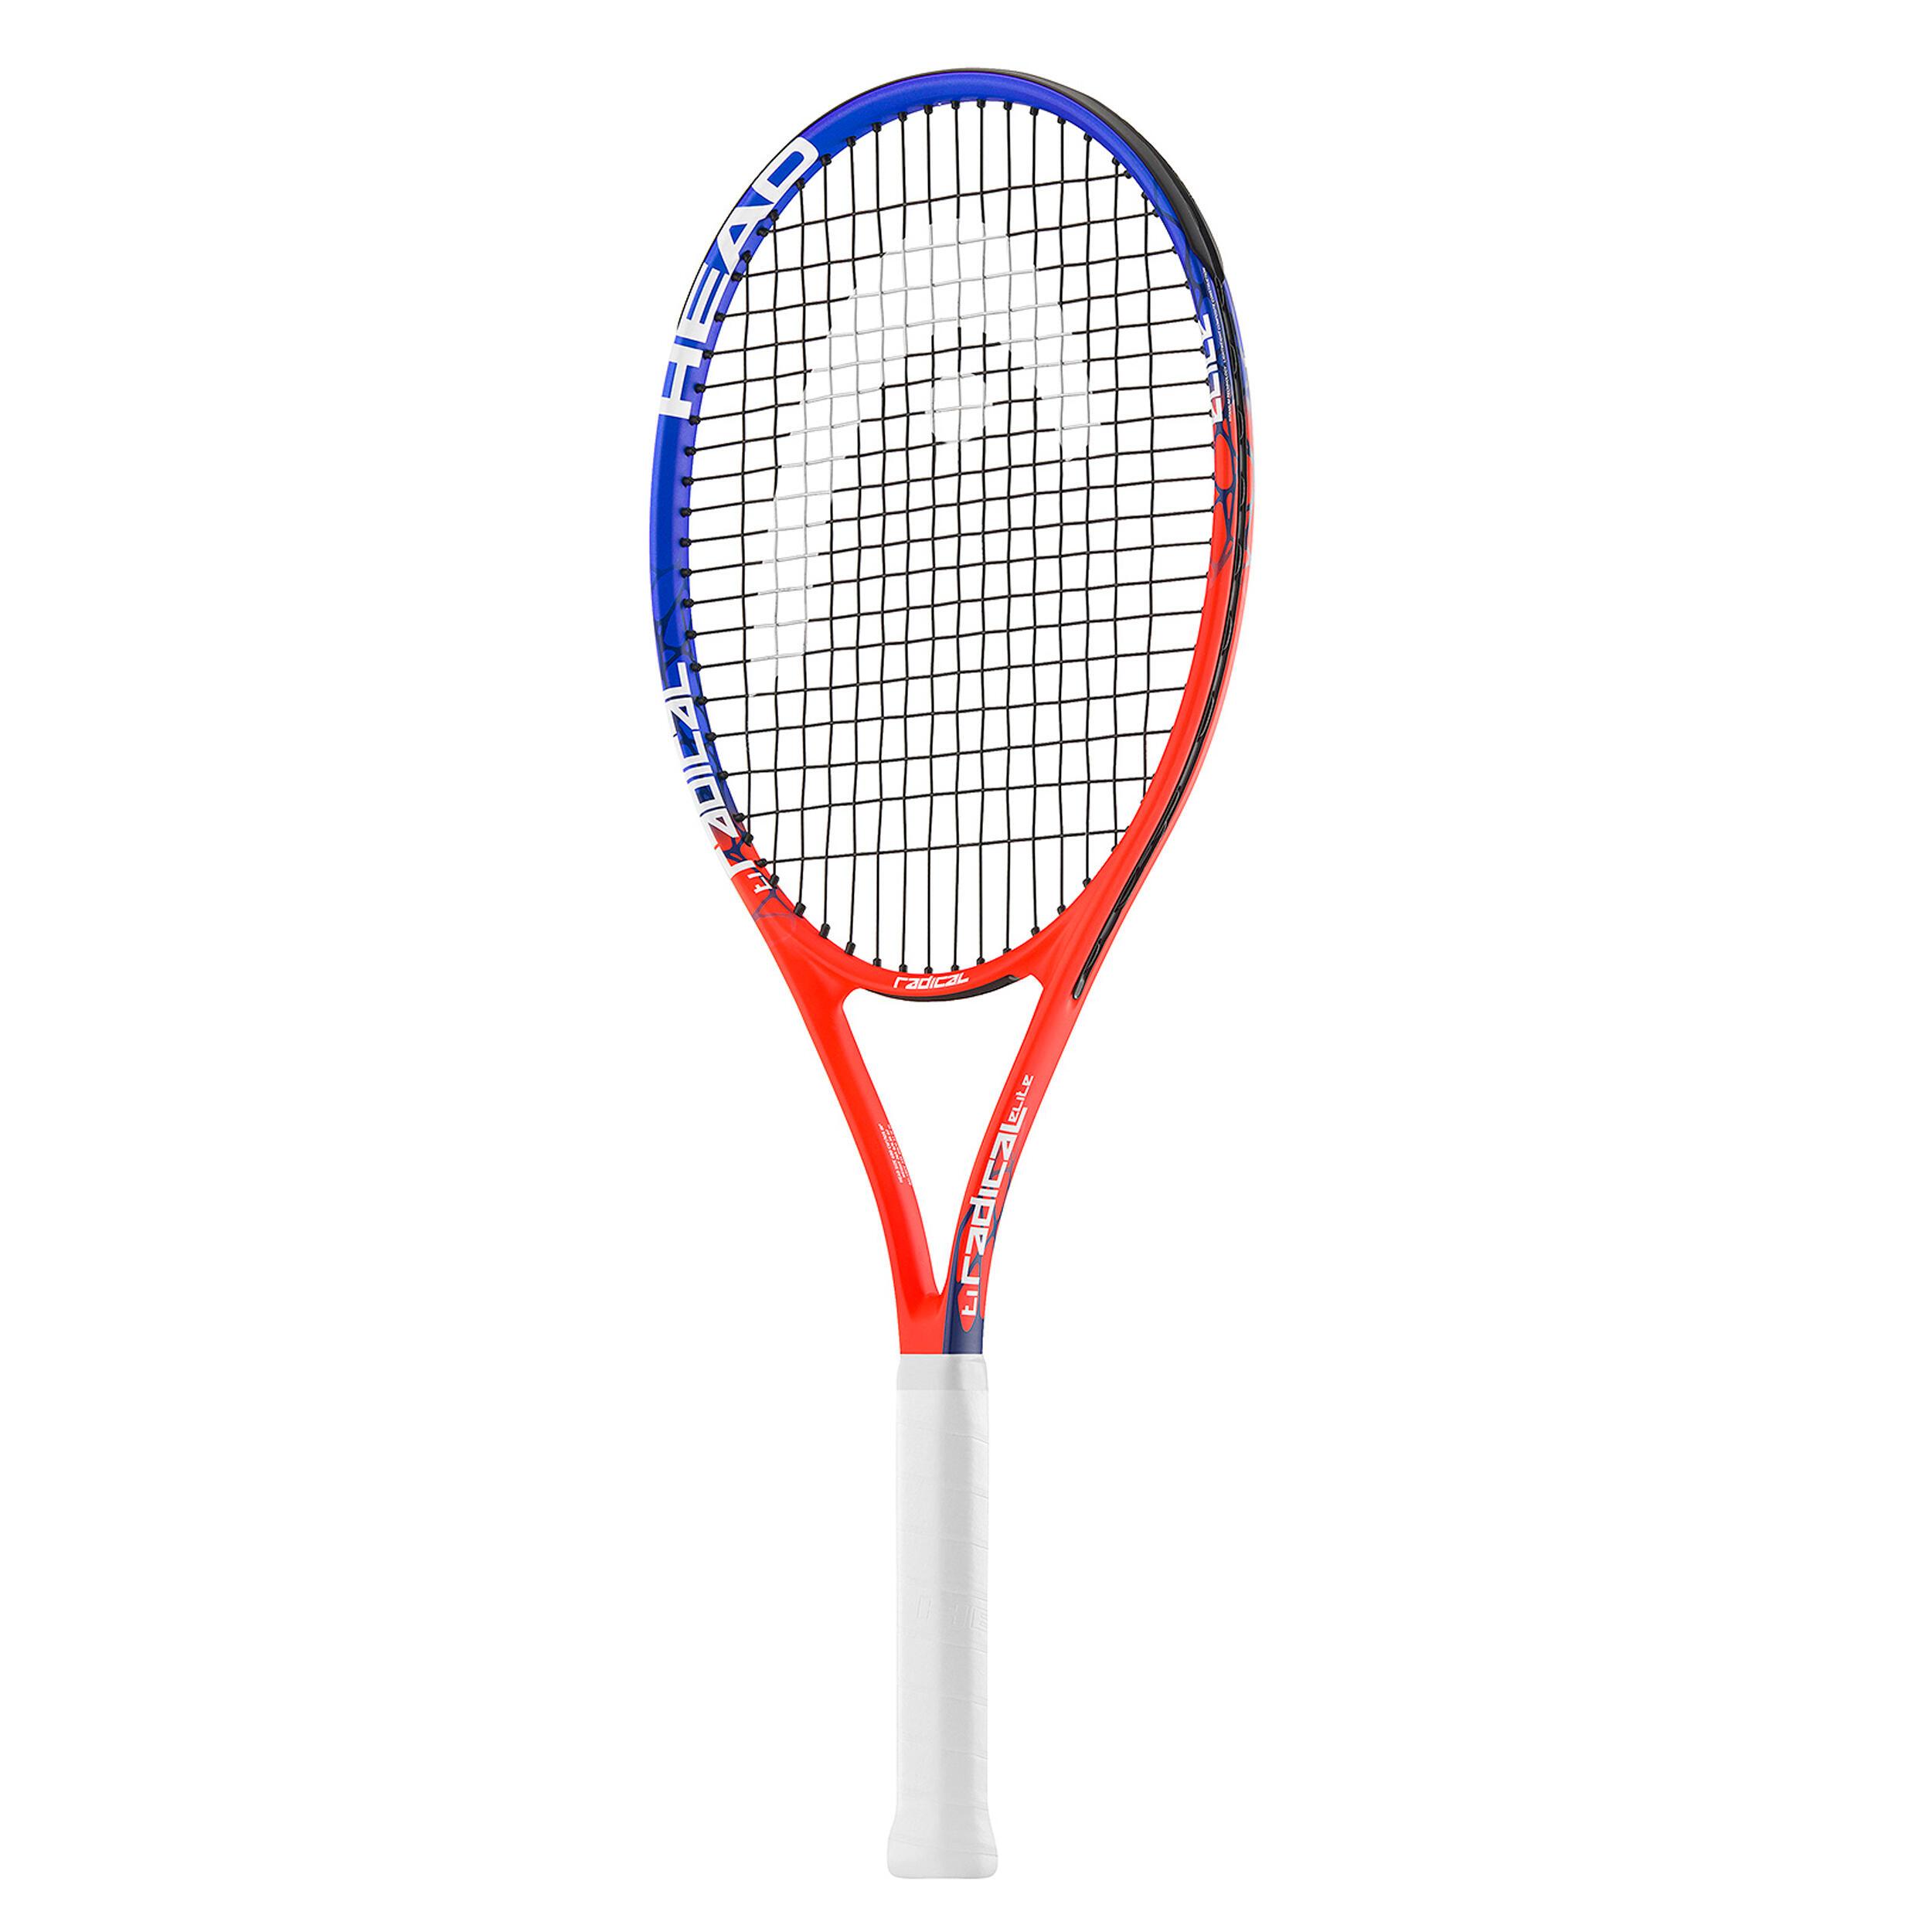 Head Head TI Radical tennisracket